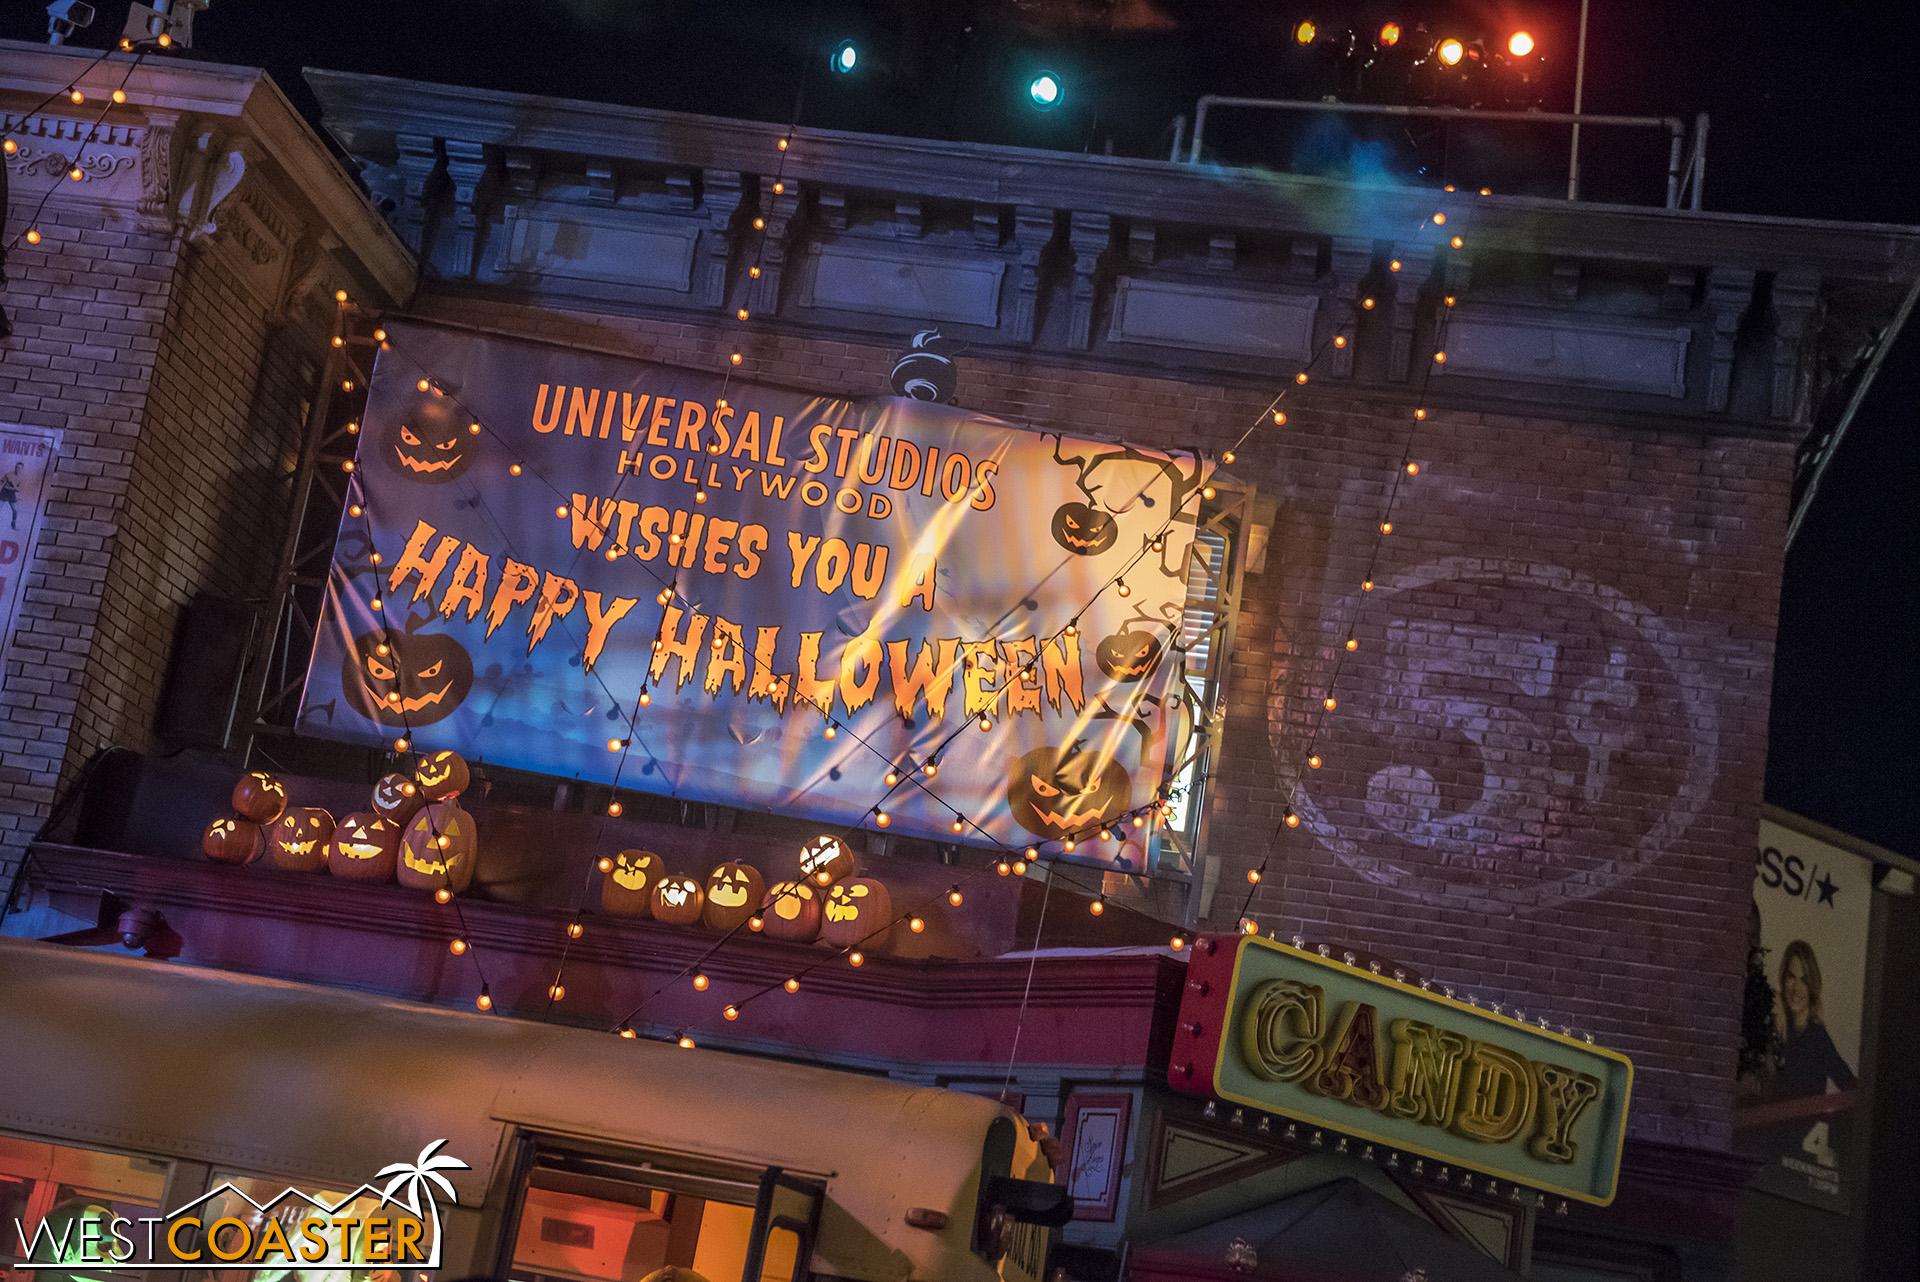 Happy Halloween, everybody!